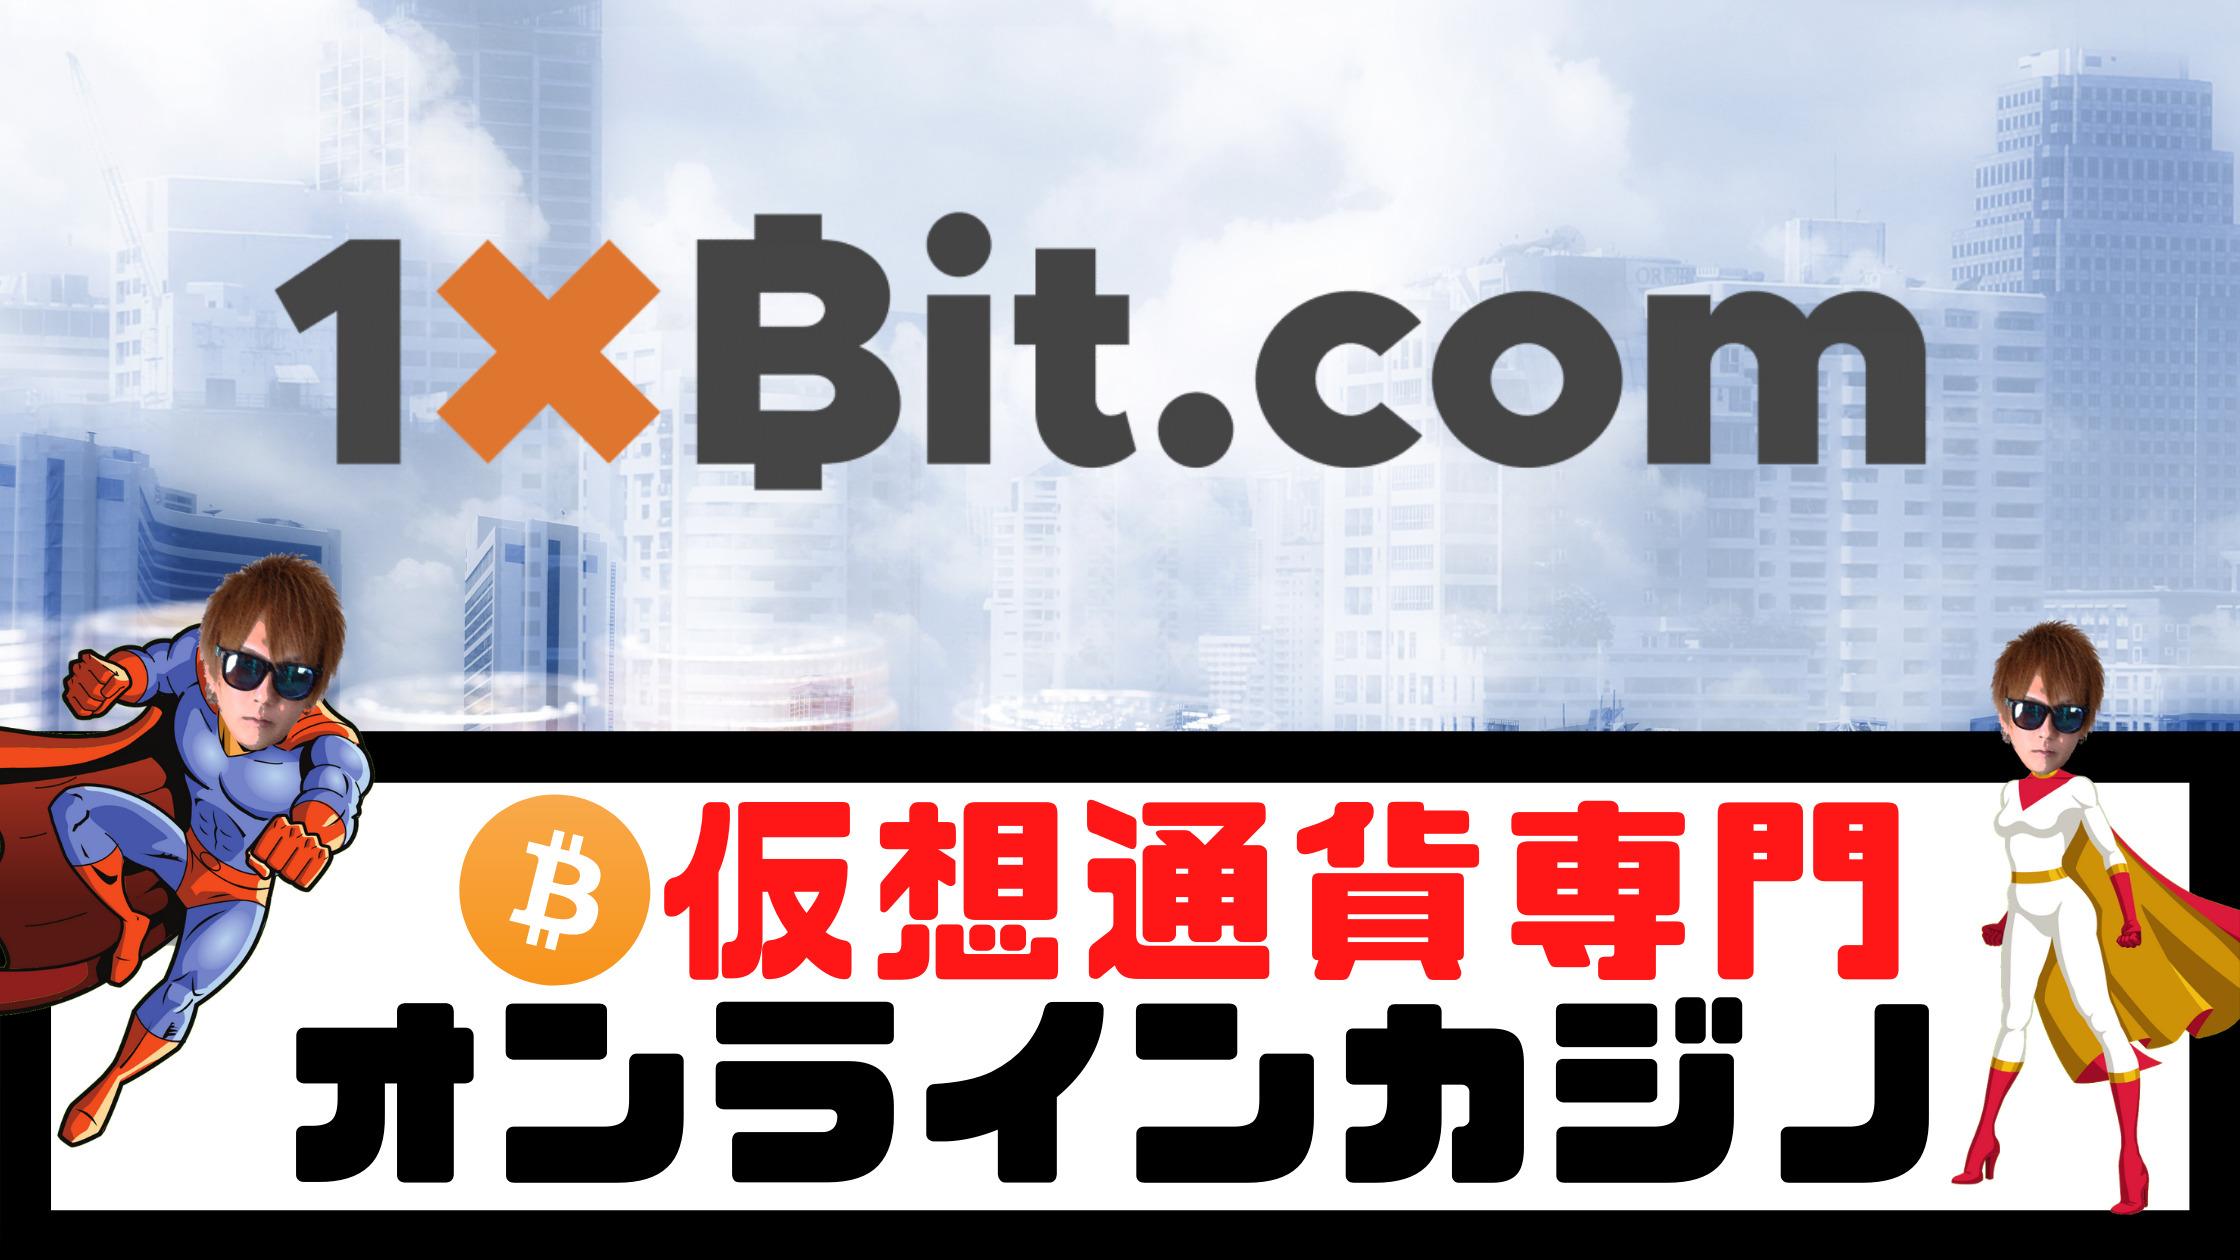 完全匿名カジノ?仮想通貨専門の1xbit カジノ(ワンバイビット)を徹底解説!